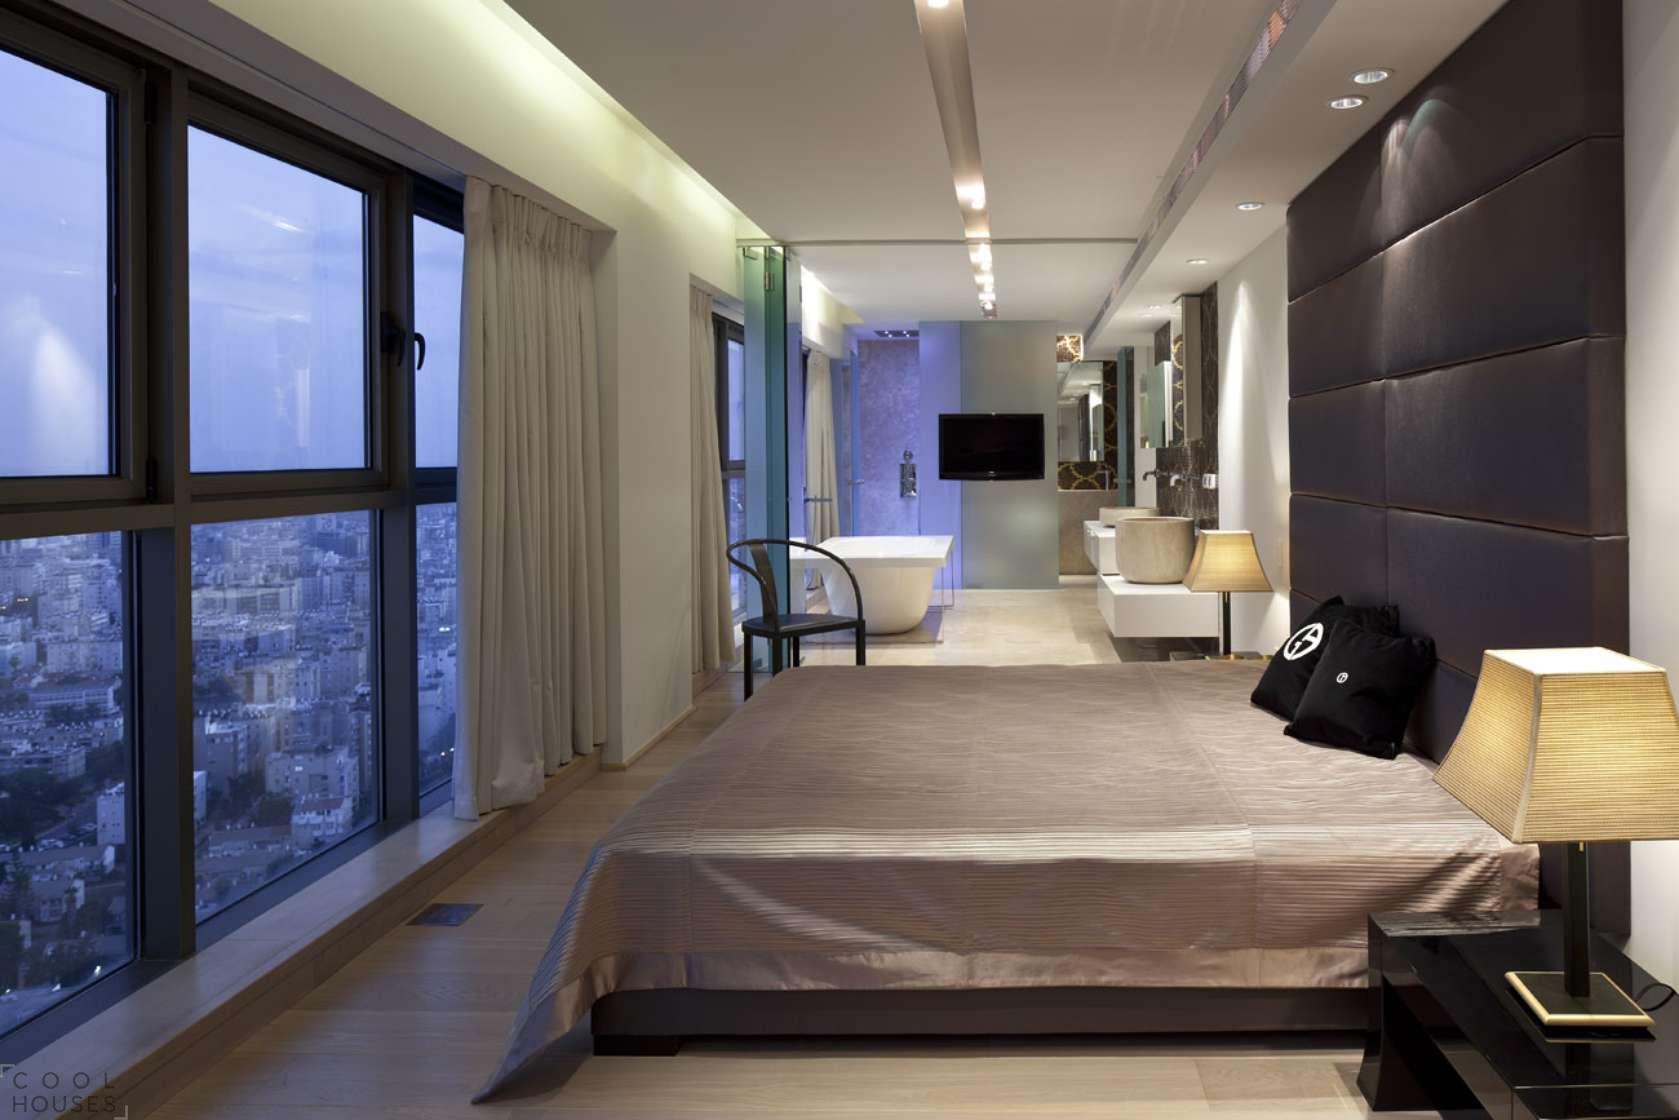 Thiết kế phòng ngủ chung cư đẹp nhất